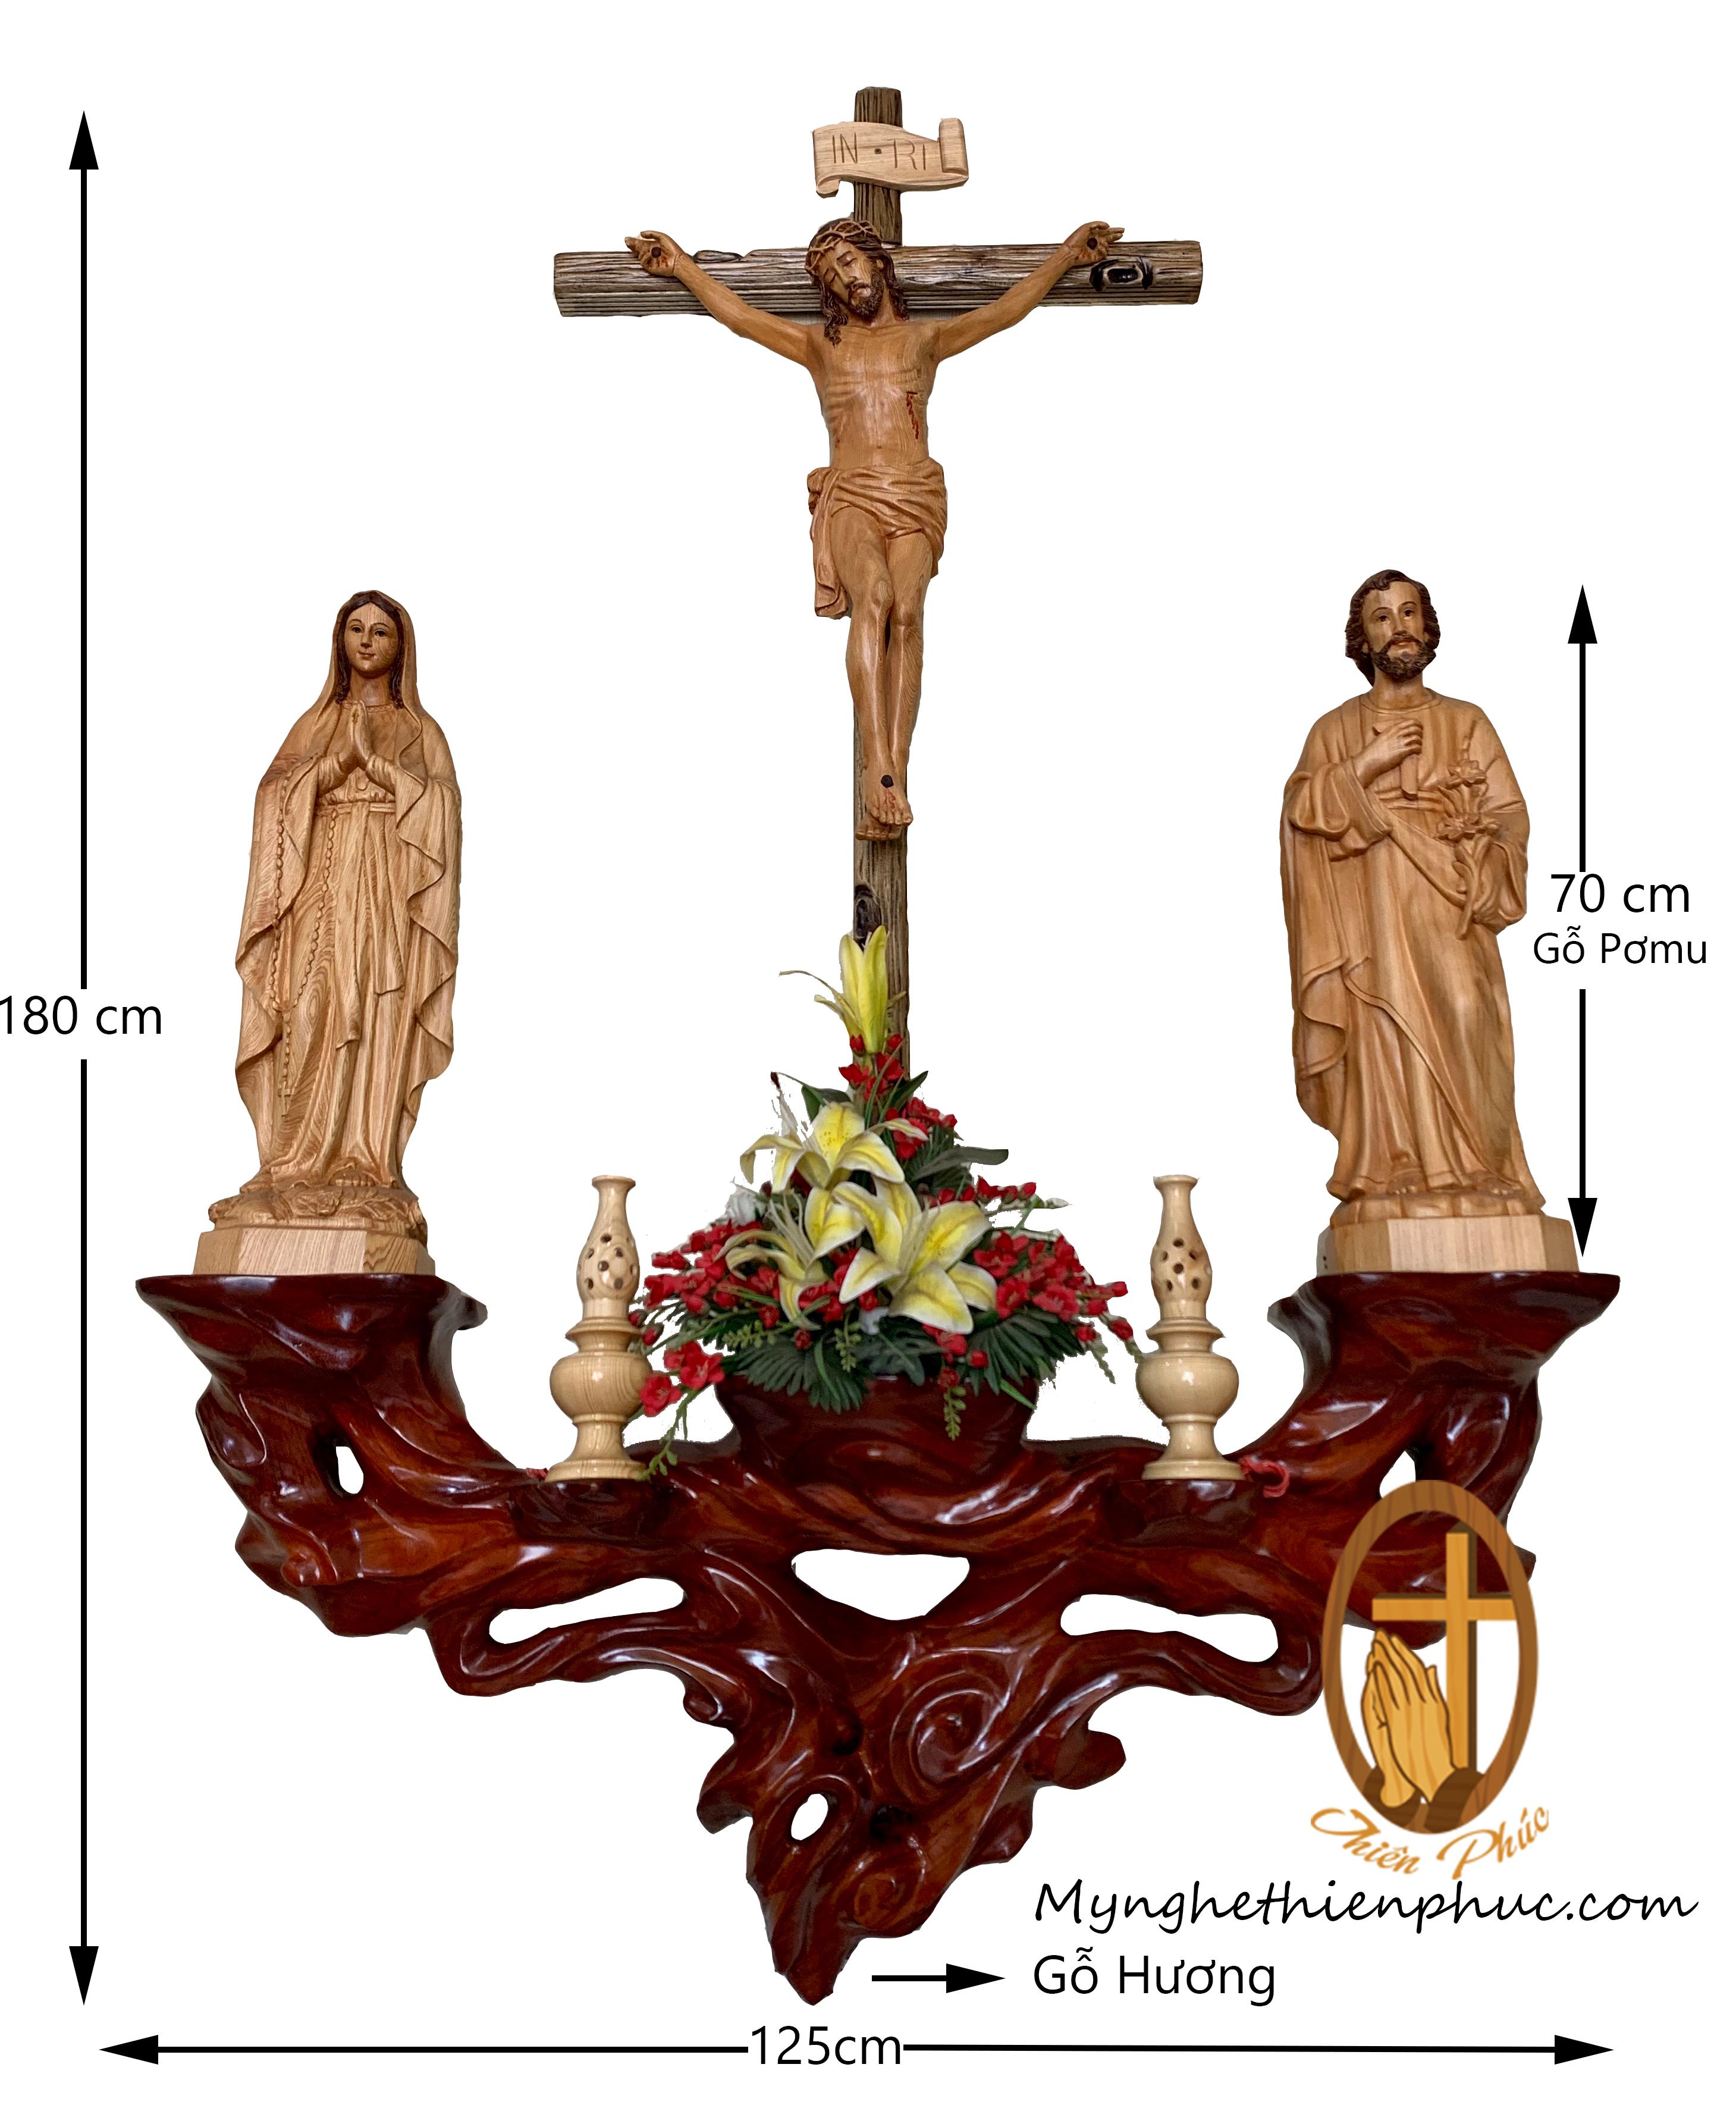 Bộ bàn thờ công giáo DT1010